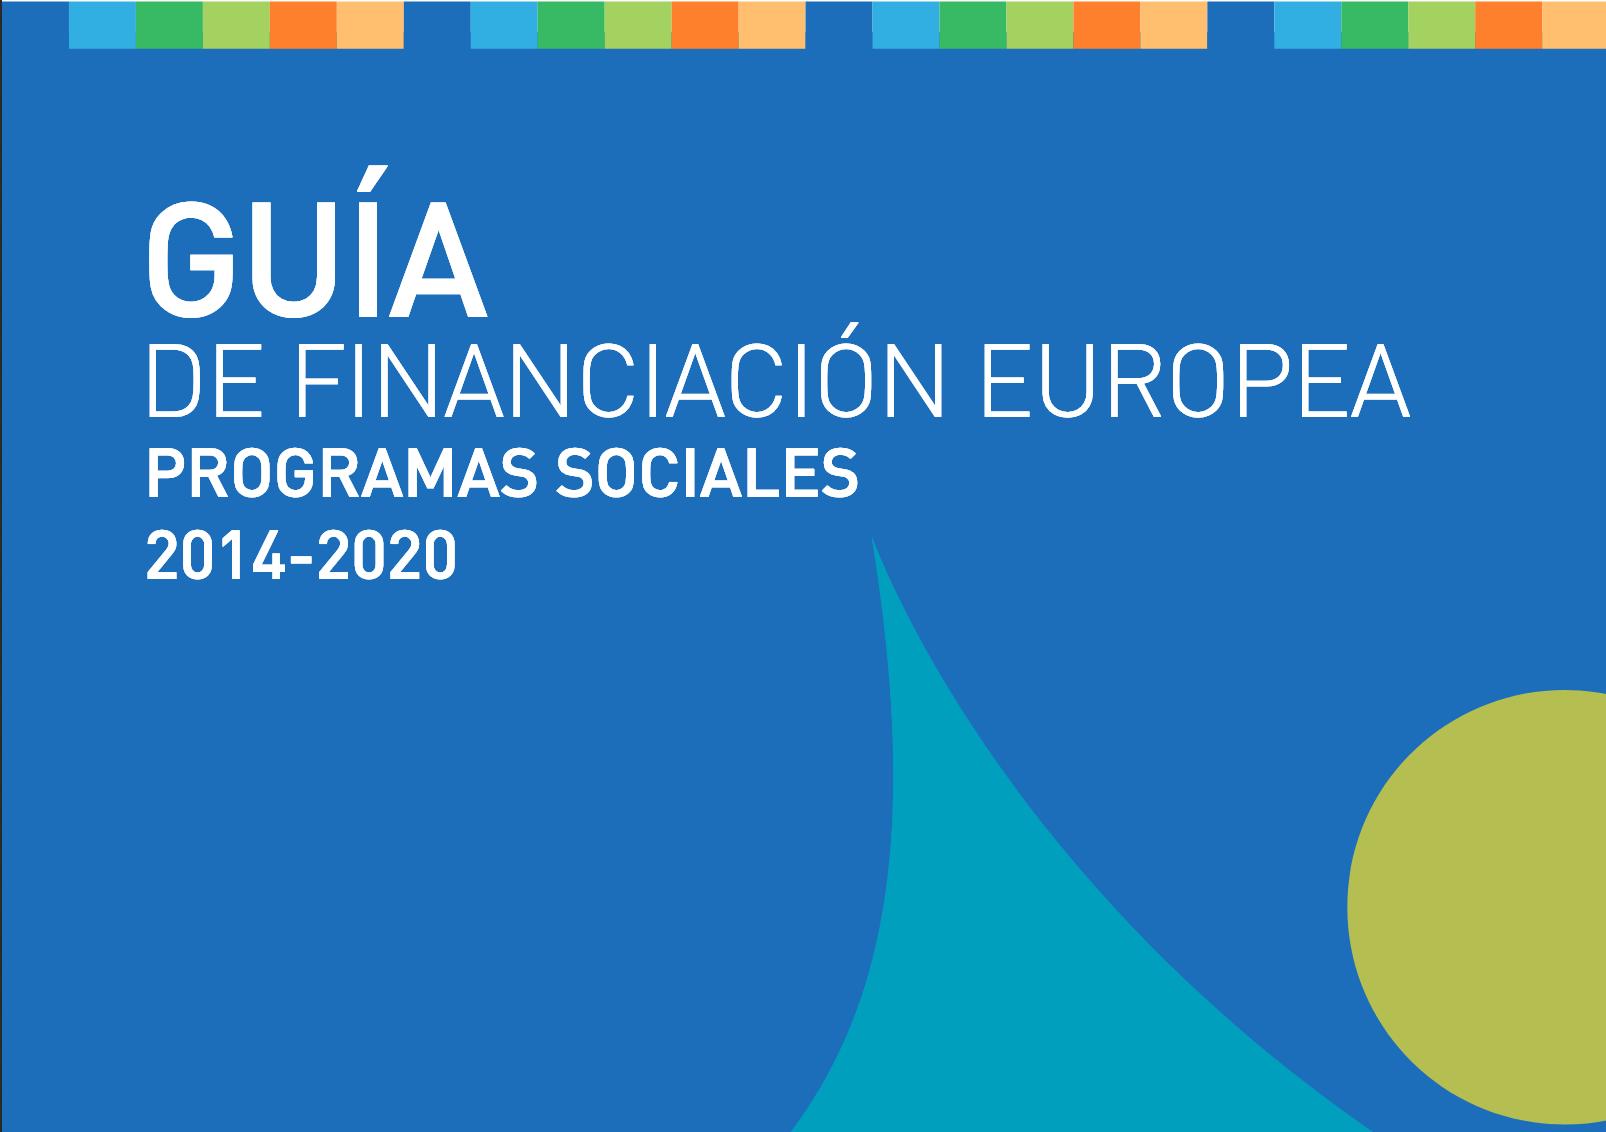 Guía financiación europa emprendimiento social